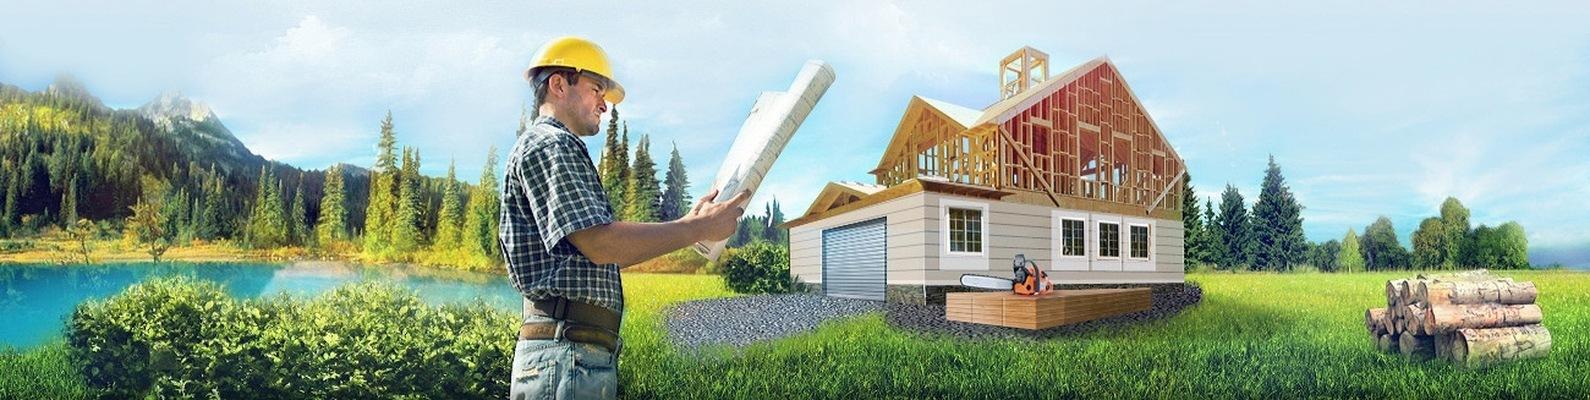 Шапка для сайта строительная компания сайт компании капитал перестрахование